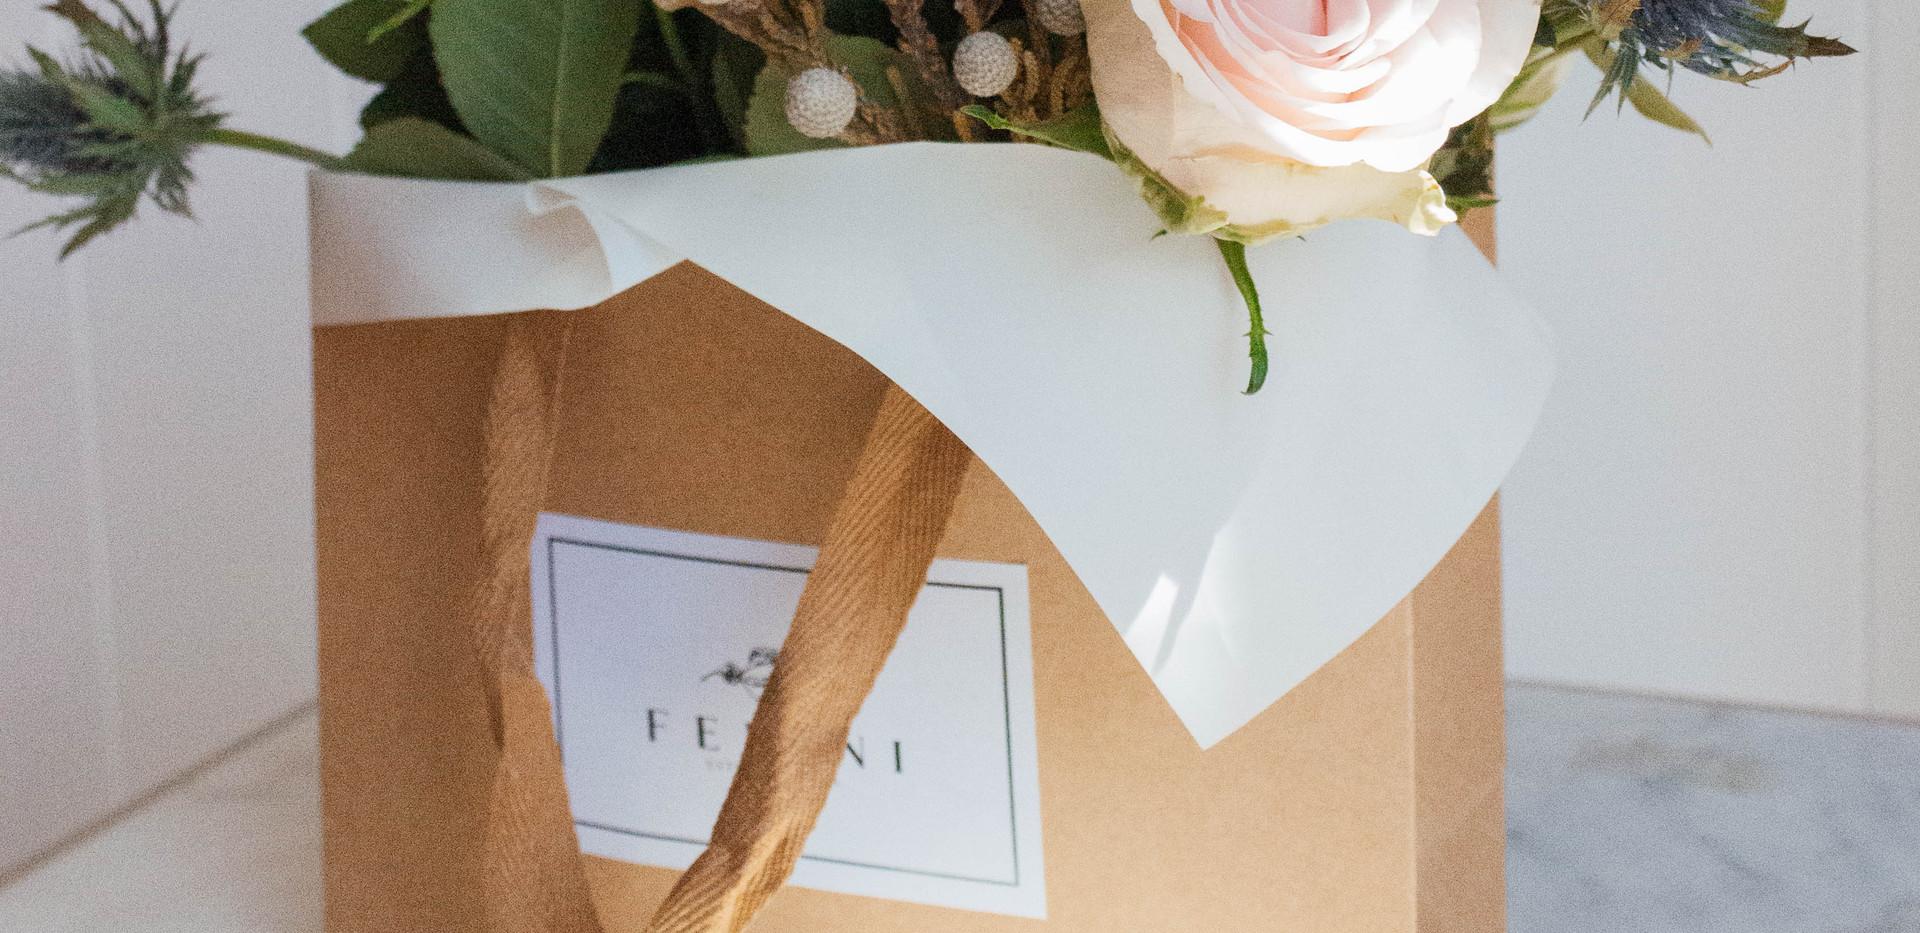 Flor en bolsa Sofía